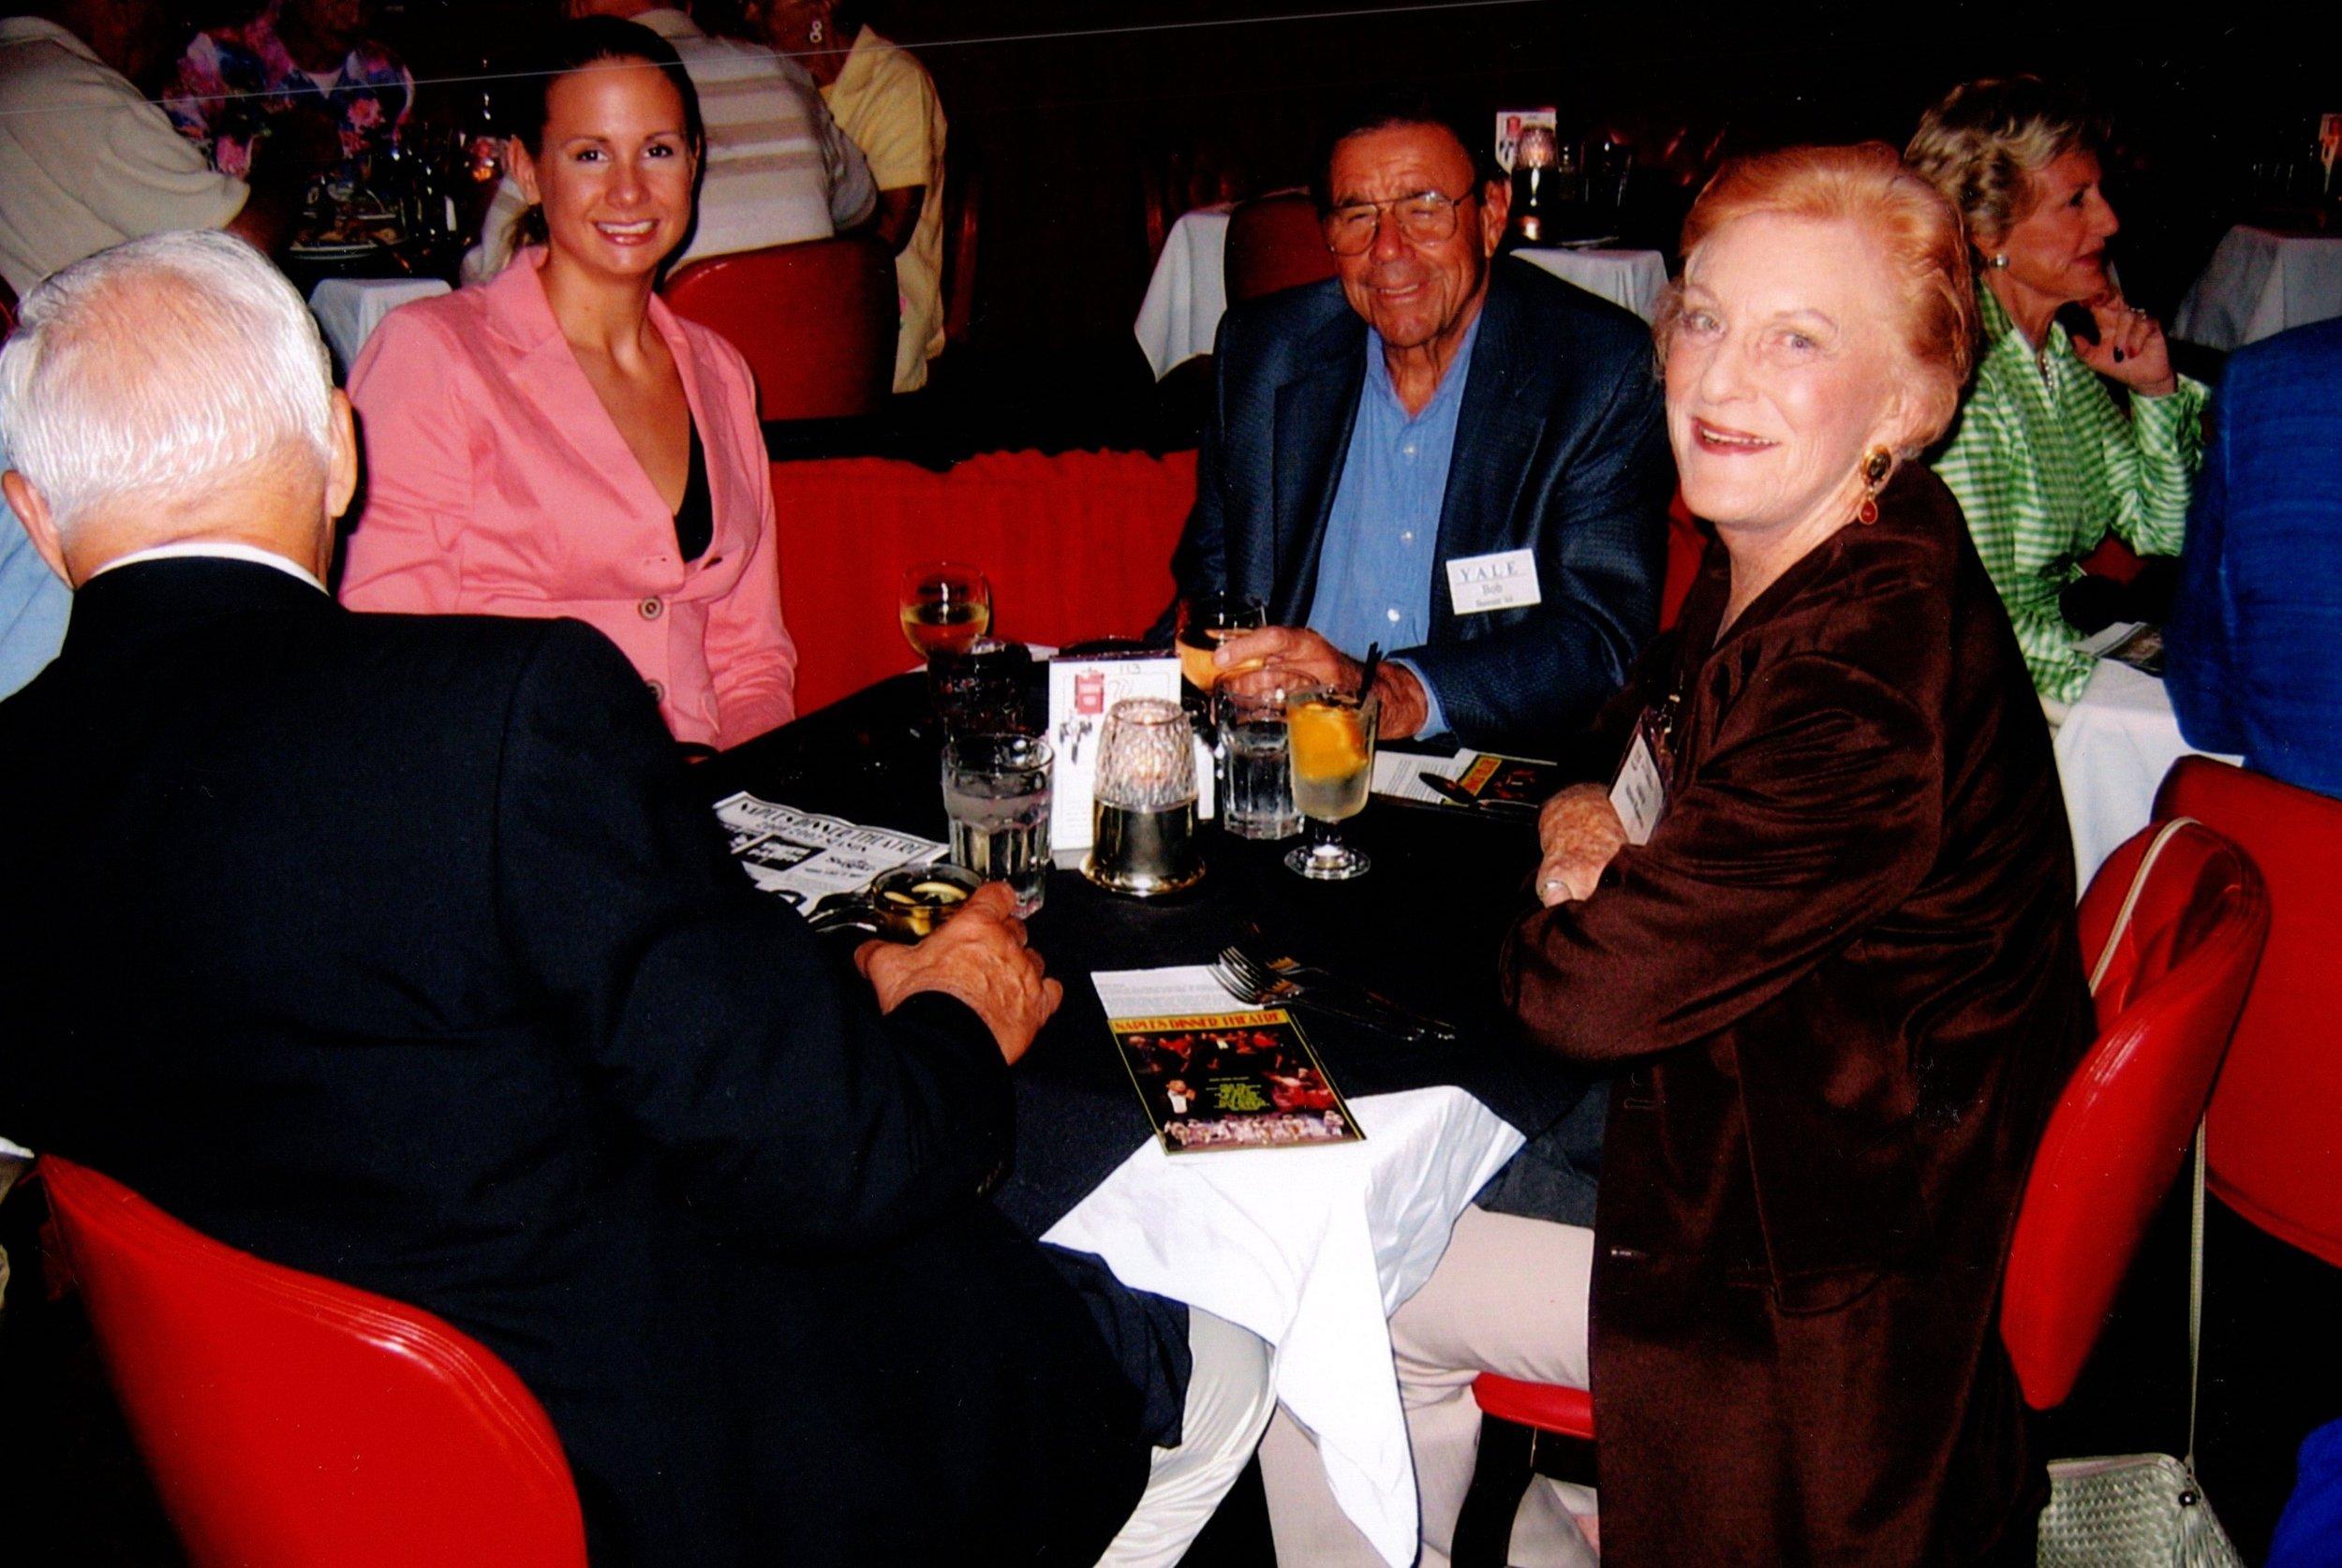 BOB BENNETT WITH FRIEND, PETER AND HELEN KAPETON